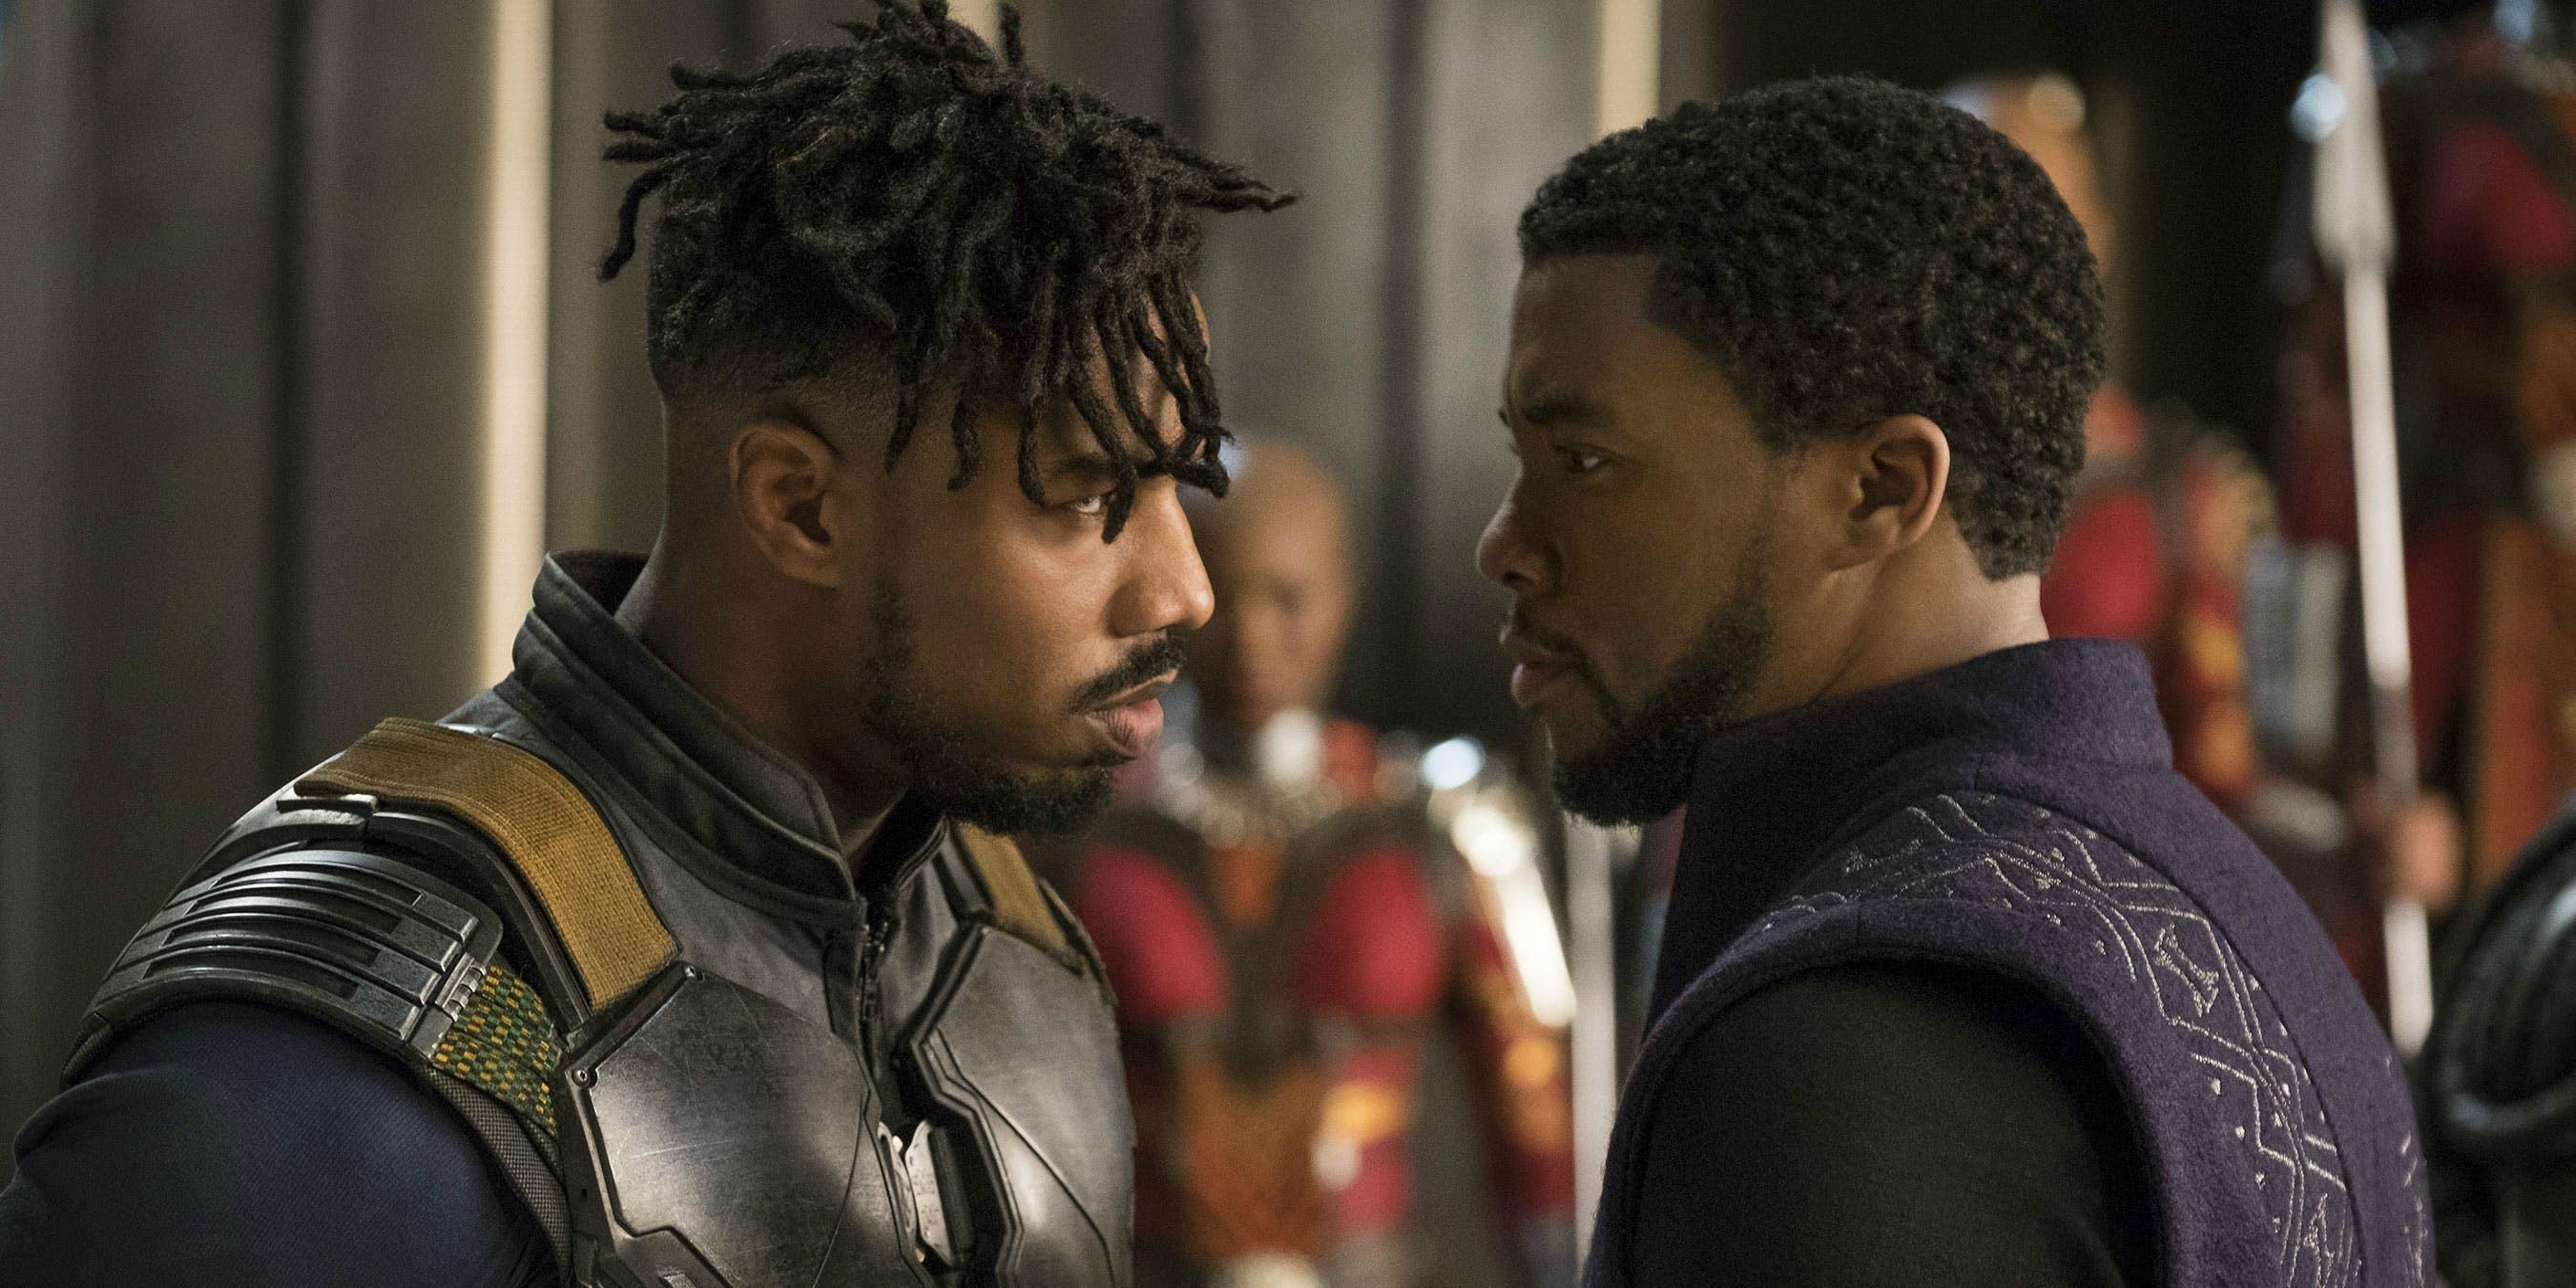 38. Black Panther